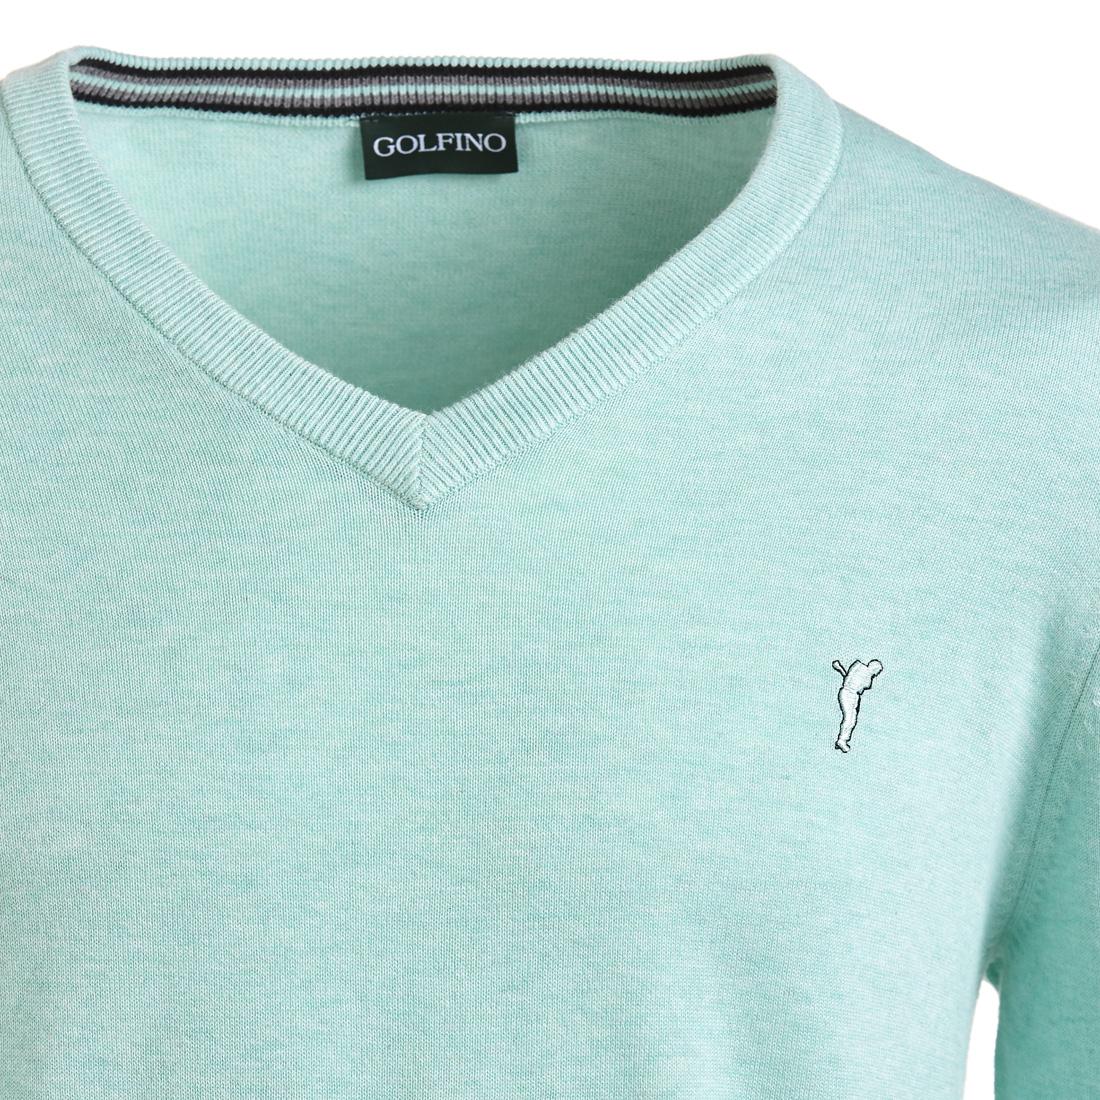 Herren Golfpullover mit V-Ausschnitt aus reiner Baumwolle